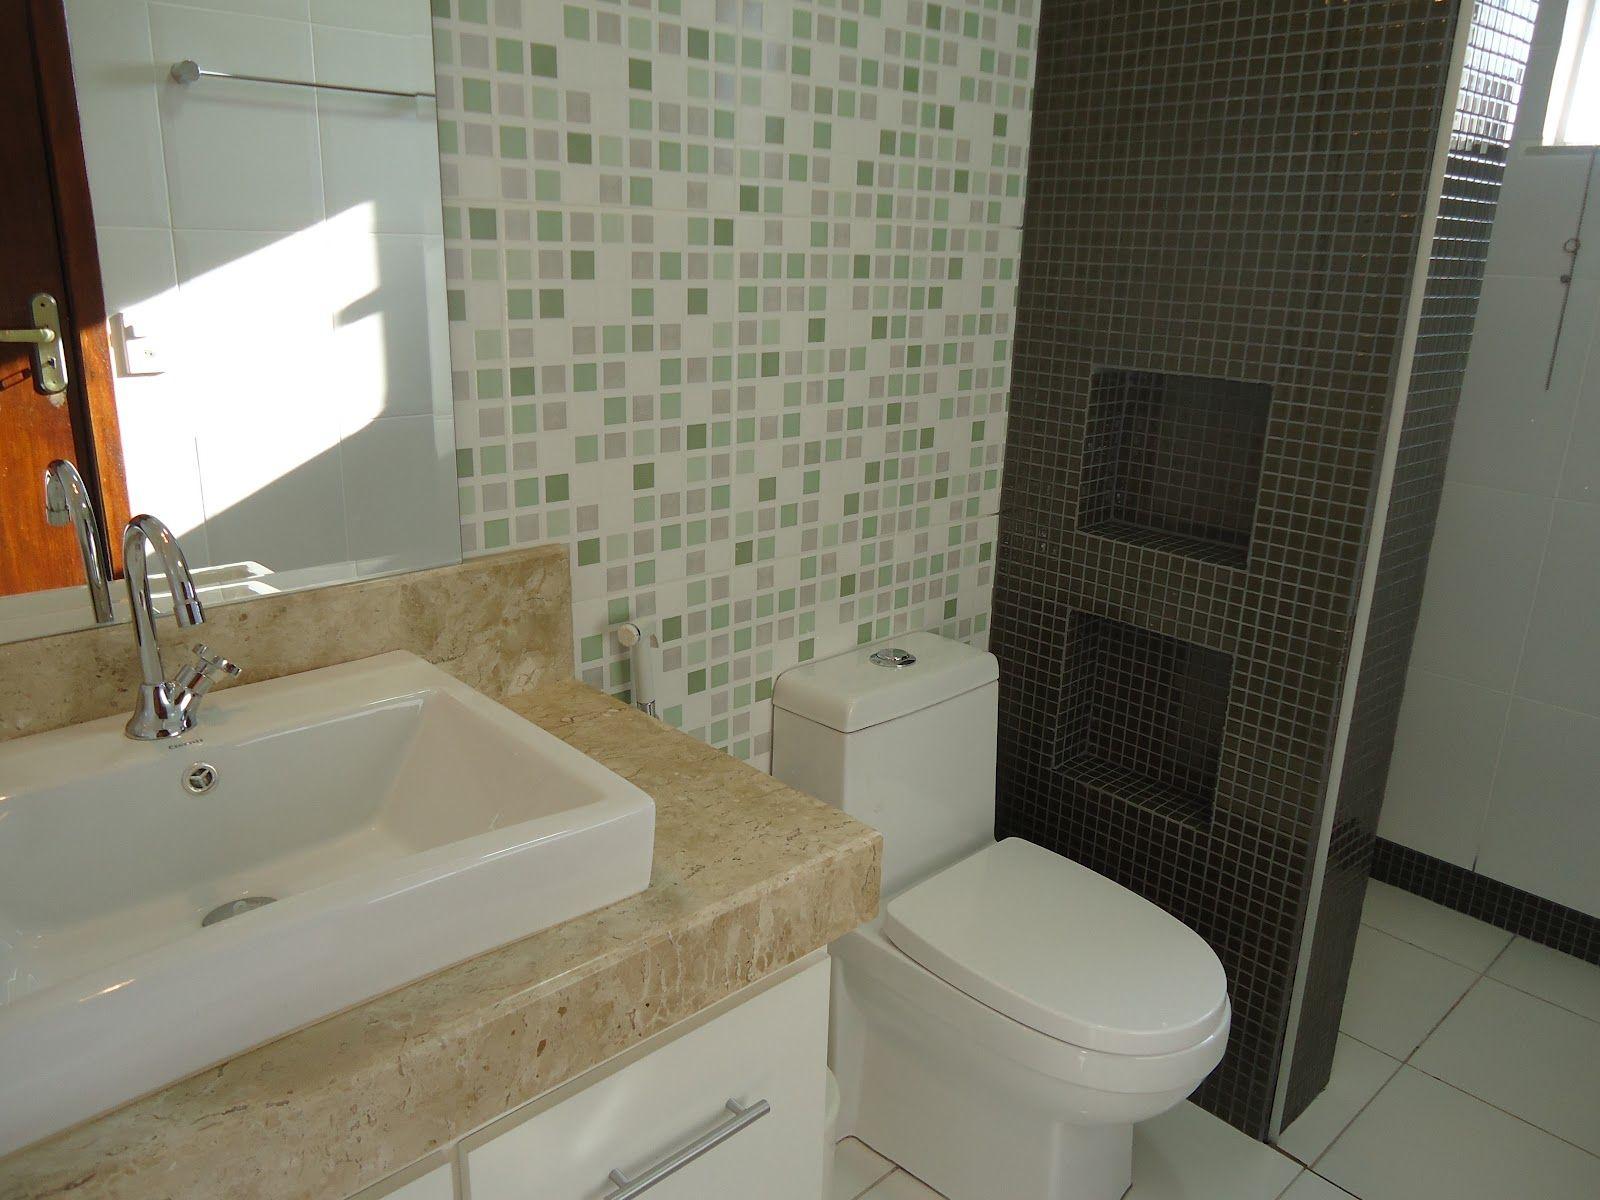 Pin de Géssica Meneghim em Decor  Banheiros  Pinterest  Pastilhas, Banheir -> Reforma Banheiro Moderno